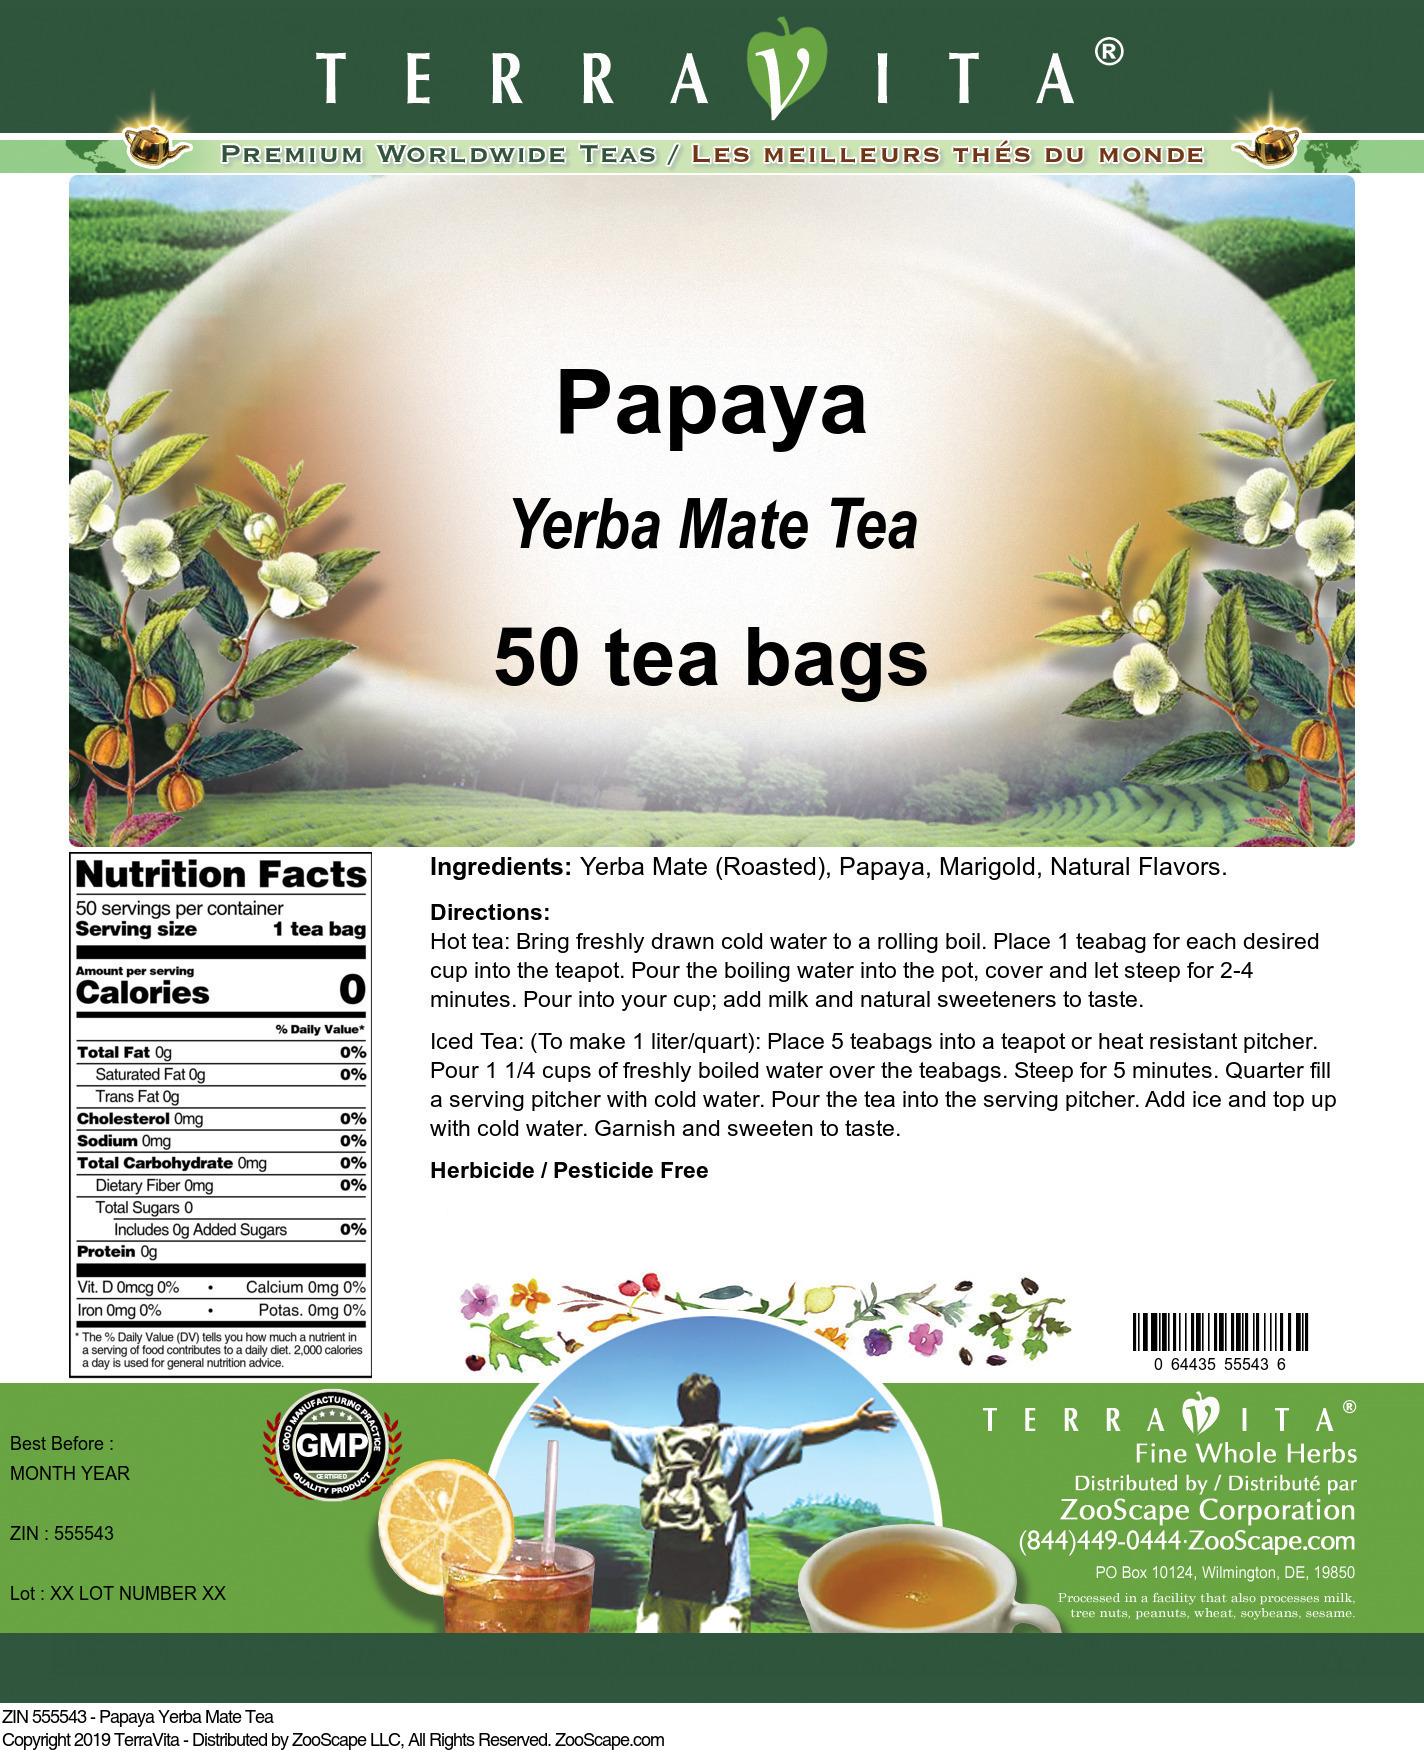 Papaya Yerba Mate Tea